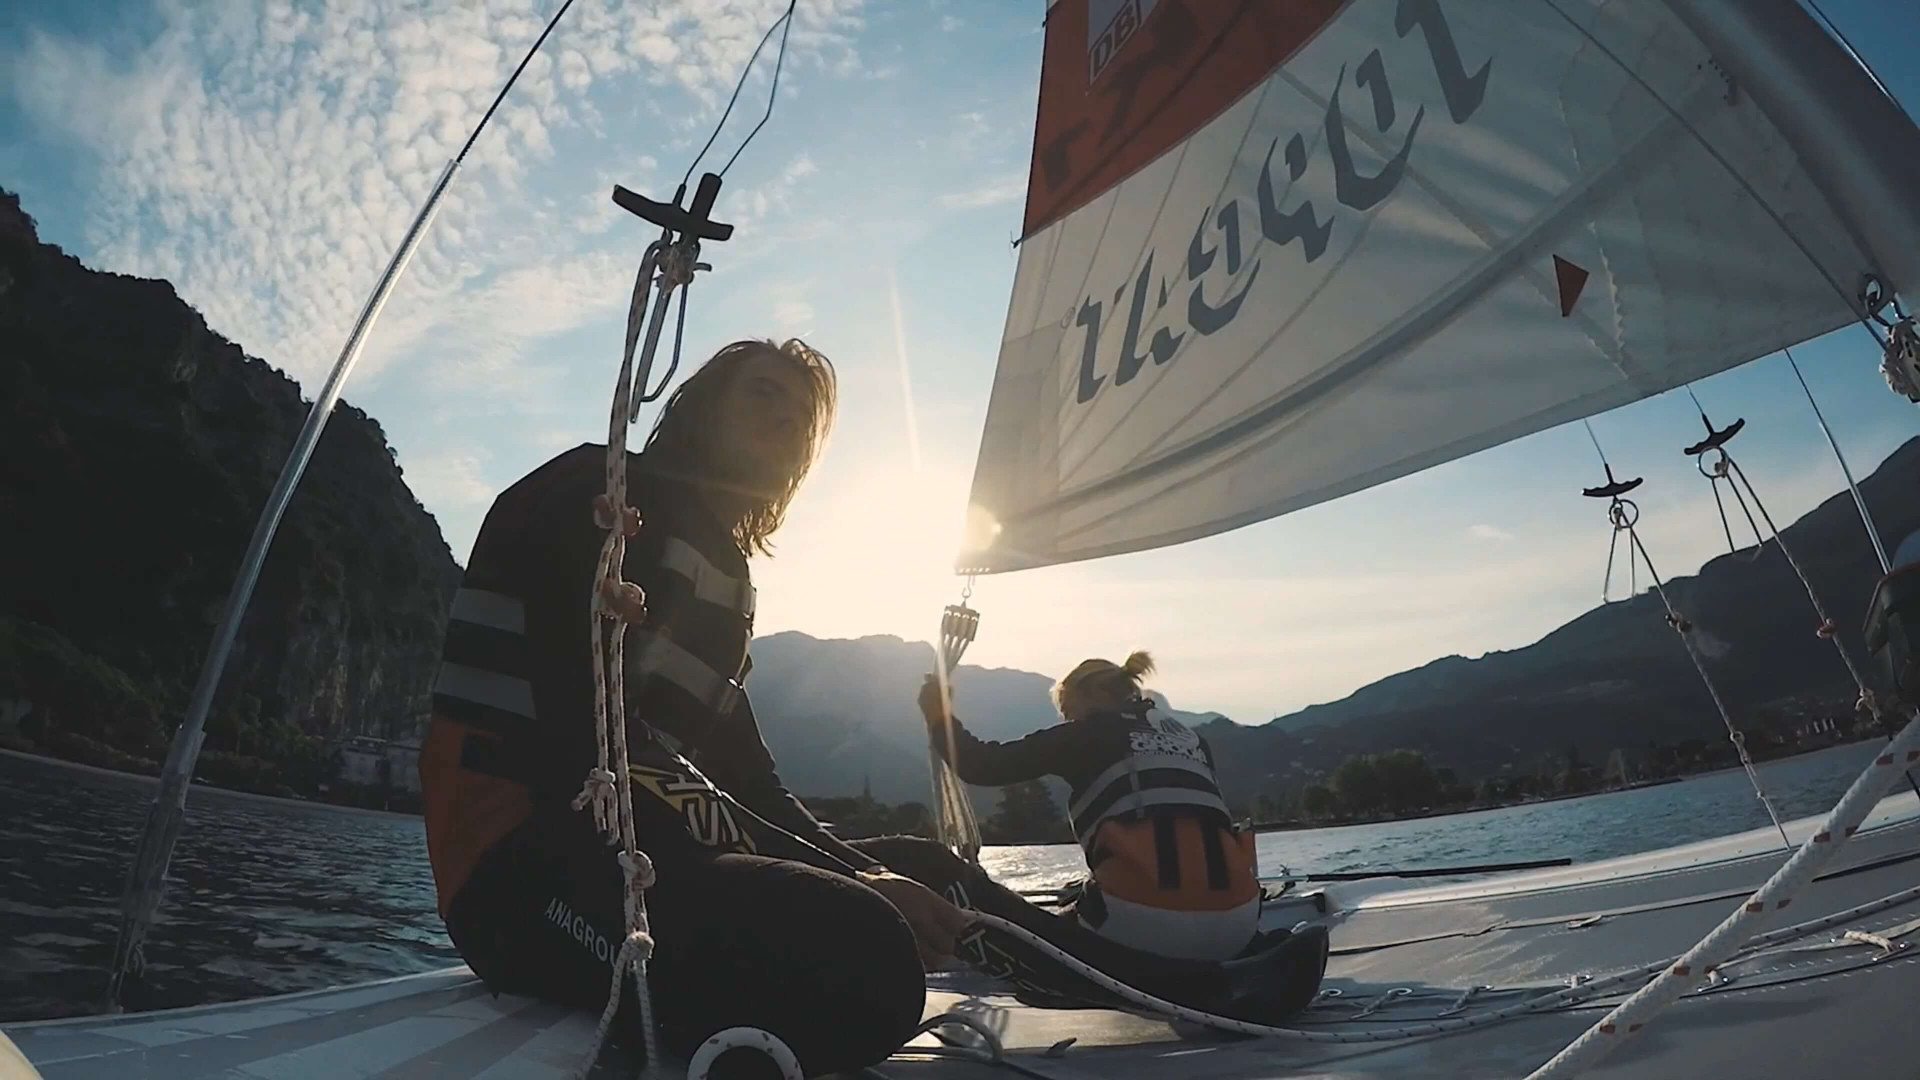 Escursione in Barca a Vela Fun Sailing sul Lago di Garda - 1 ora con istruttore